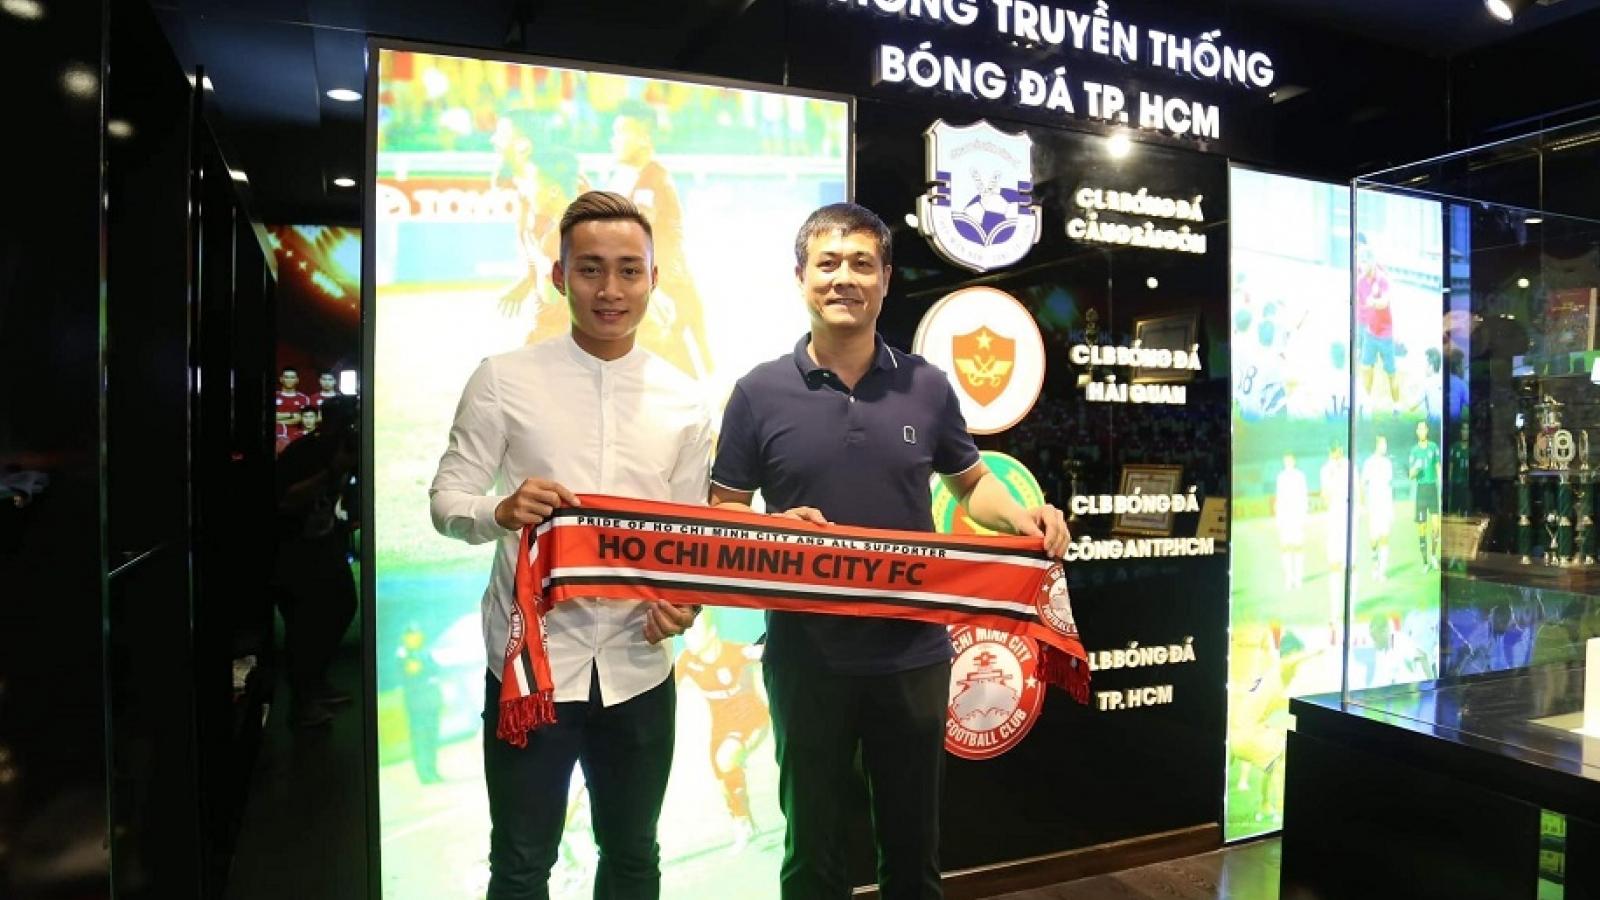 Chuyển nhượng V-League: Huy Hùng cập bến Đà Nẵng, Tuấn Tài gia nhập CLB TPHCM